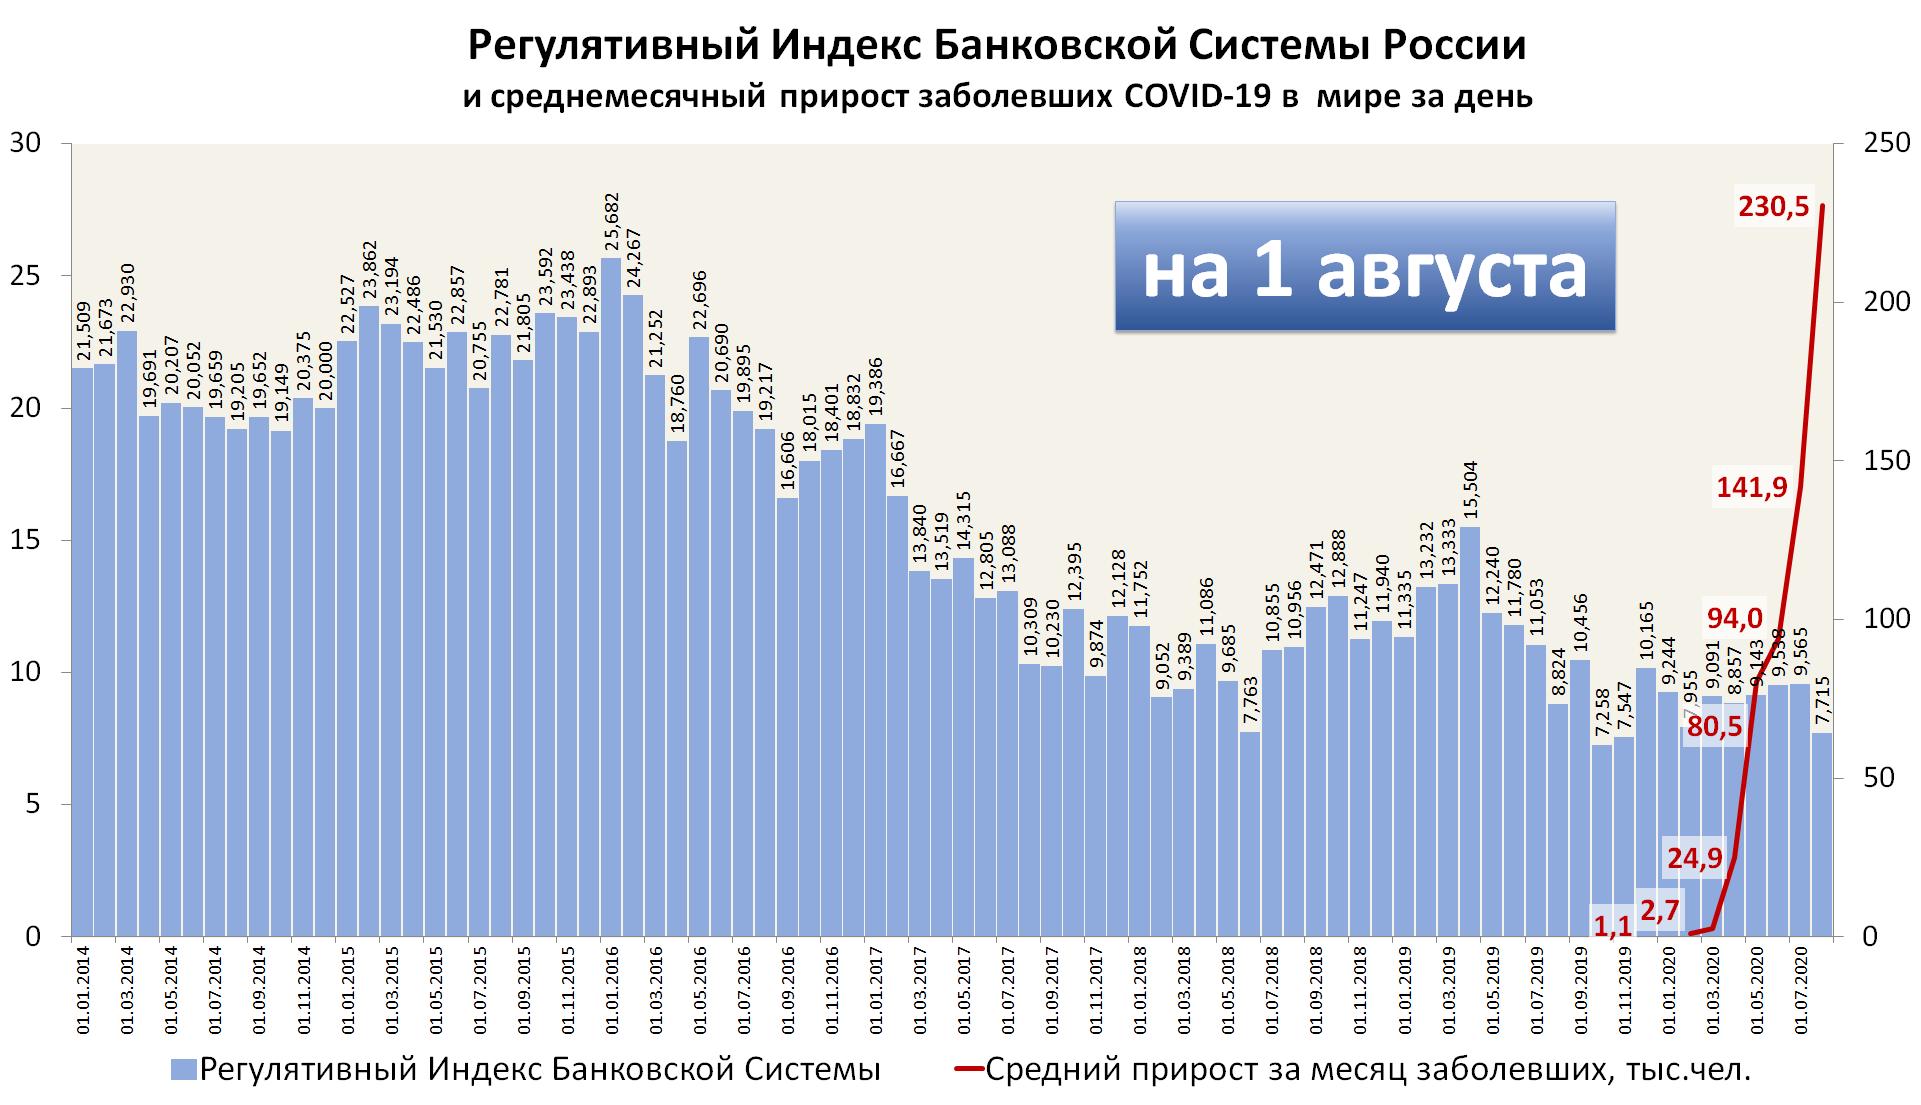 Сопоставление регулятивного индекса российских банков по отчетности на 01.08.2020 и среднемесячного прироста заболевших COVID-19 в мире за день (по данным JHU)